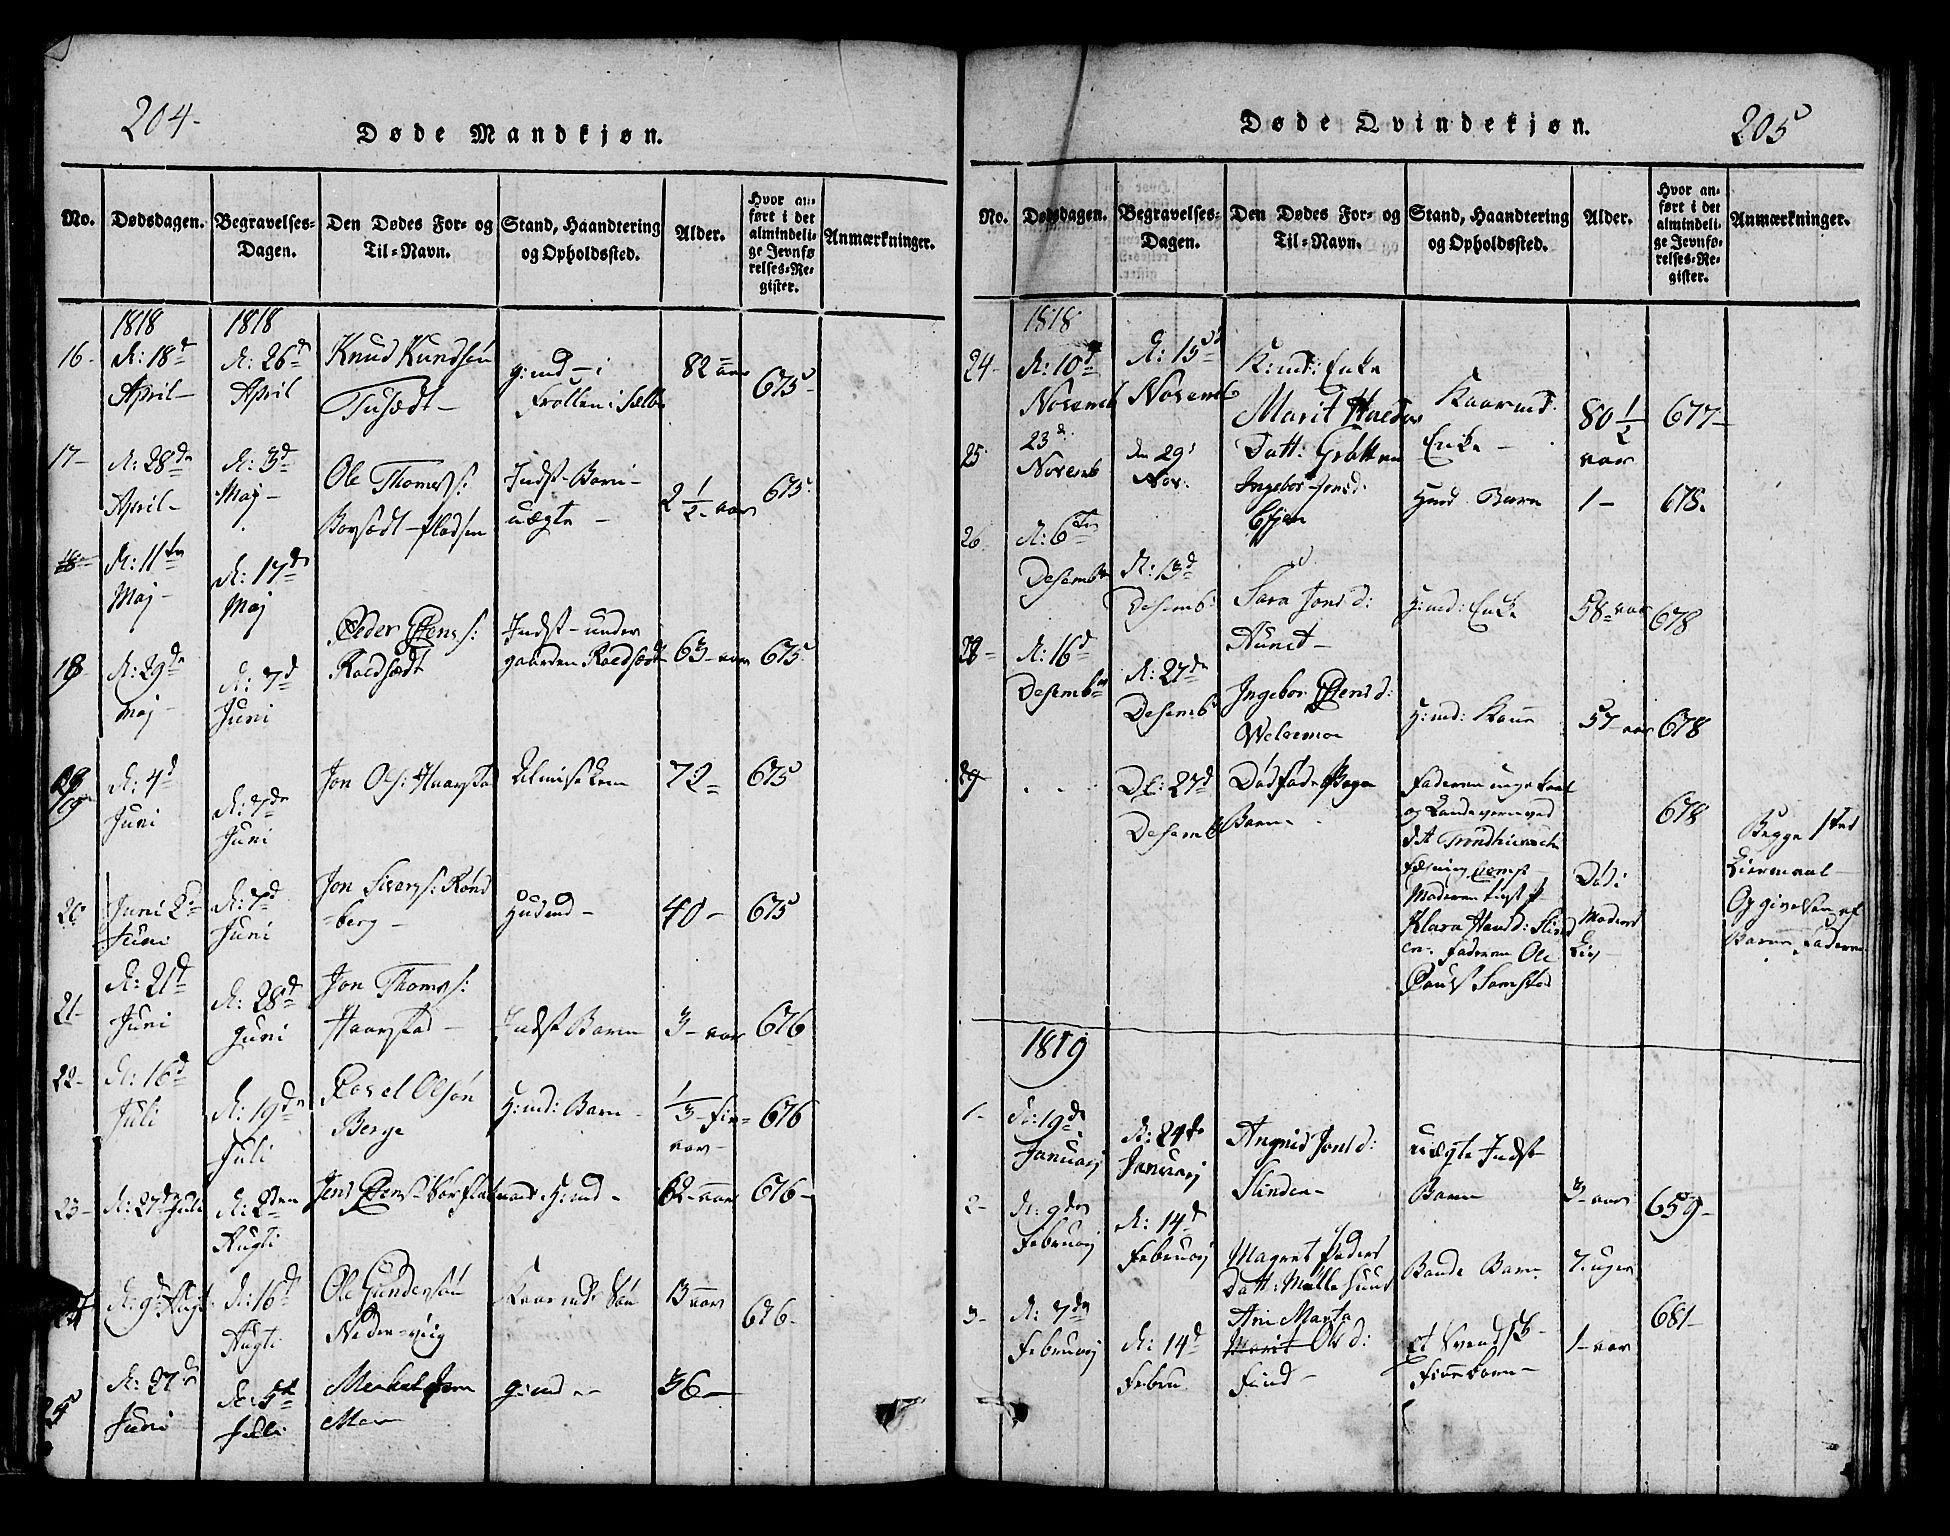 SAT, Ministerialprotokoller, klokkerbøker og fødselsregistre - Sør-Trøndelag, 695/L1152: Klokkerbok nr. 695C03, 1816-1831, s. 204-205